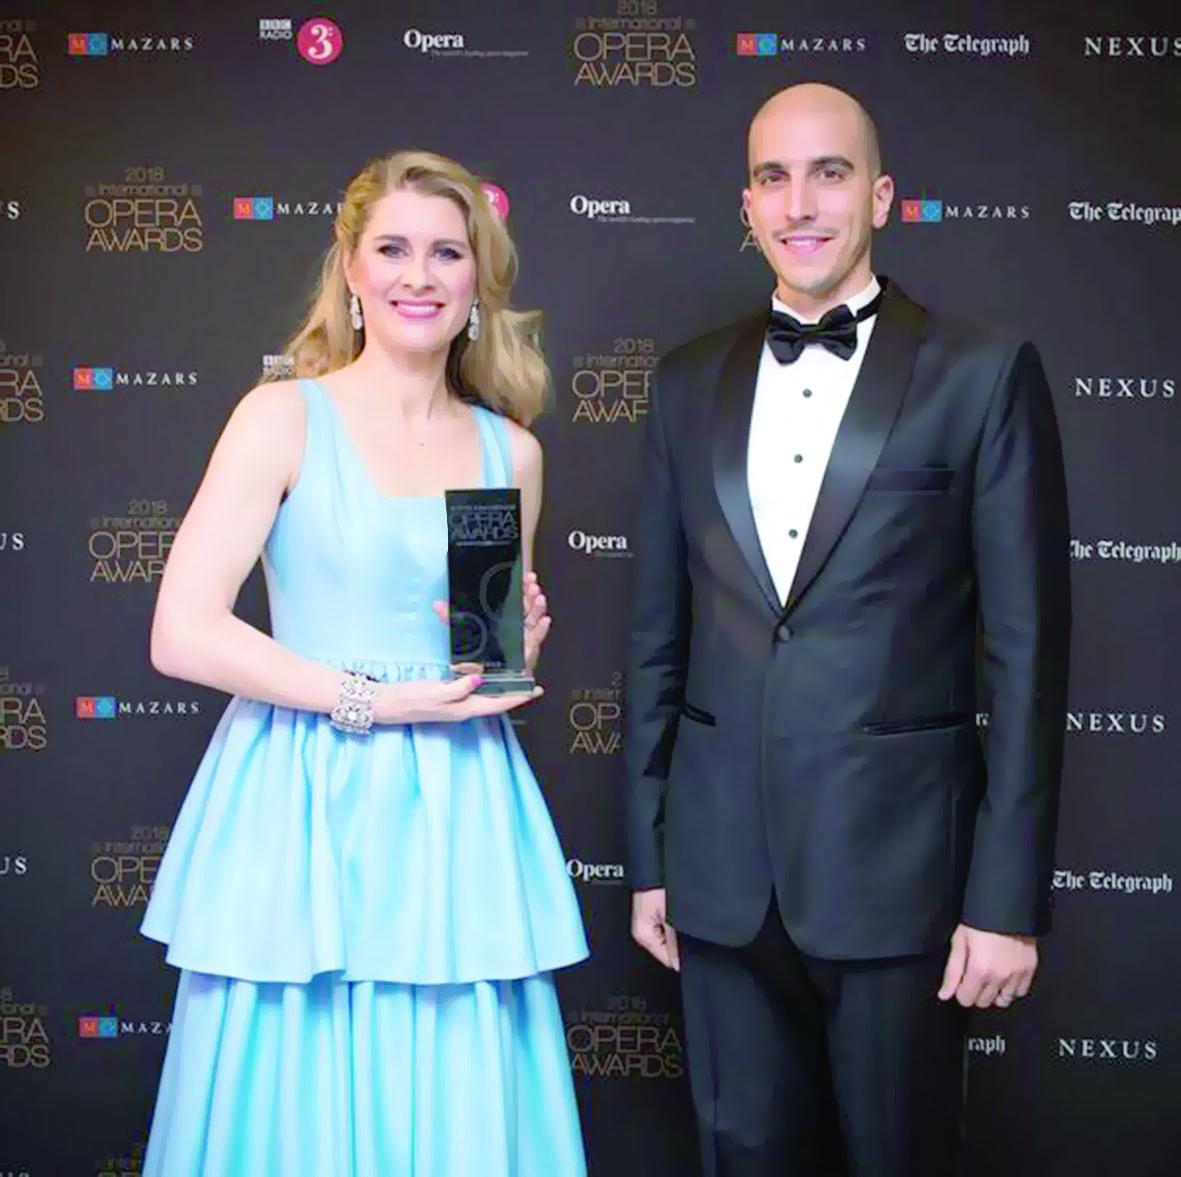 الأوبرا السلطانيةتشارك في حفل توزيع جوائز الأوبرا الدولية لعام 2018